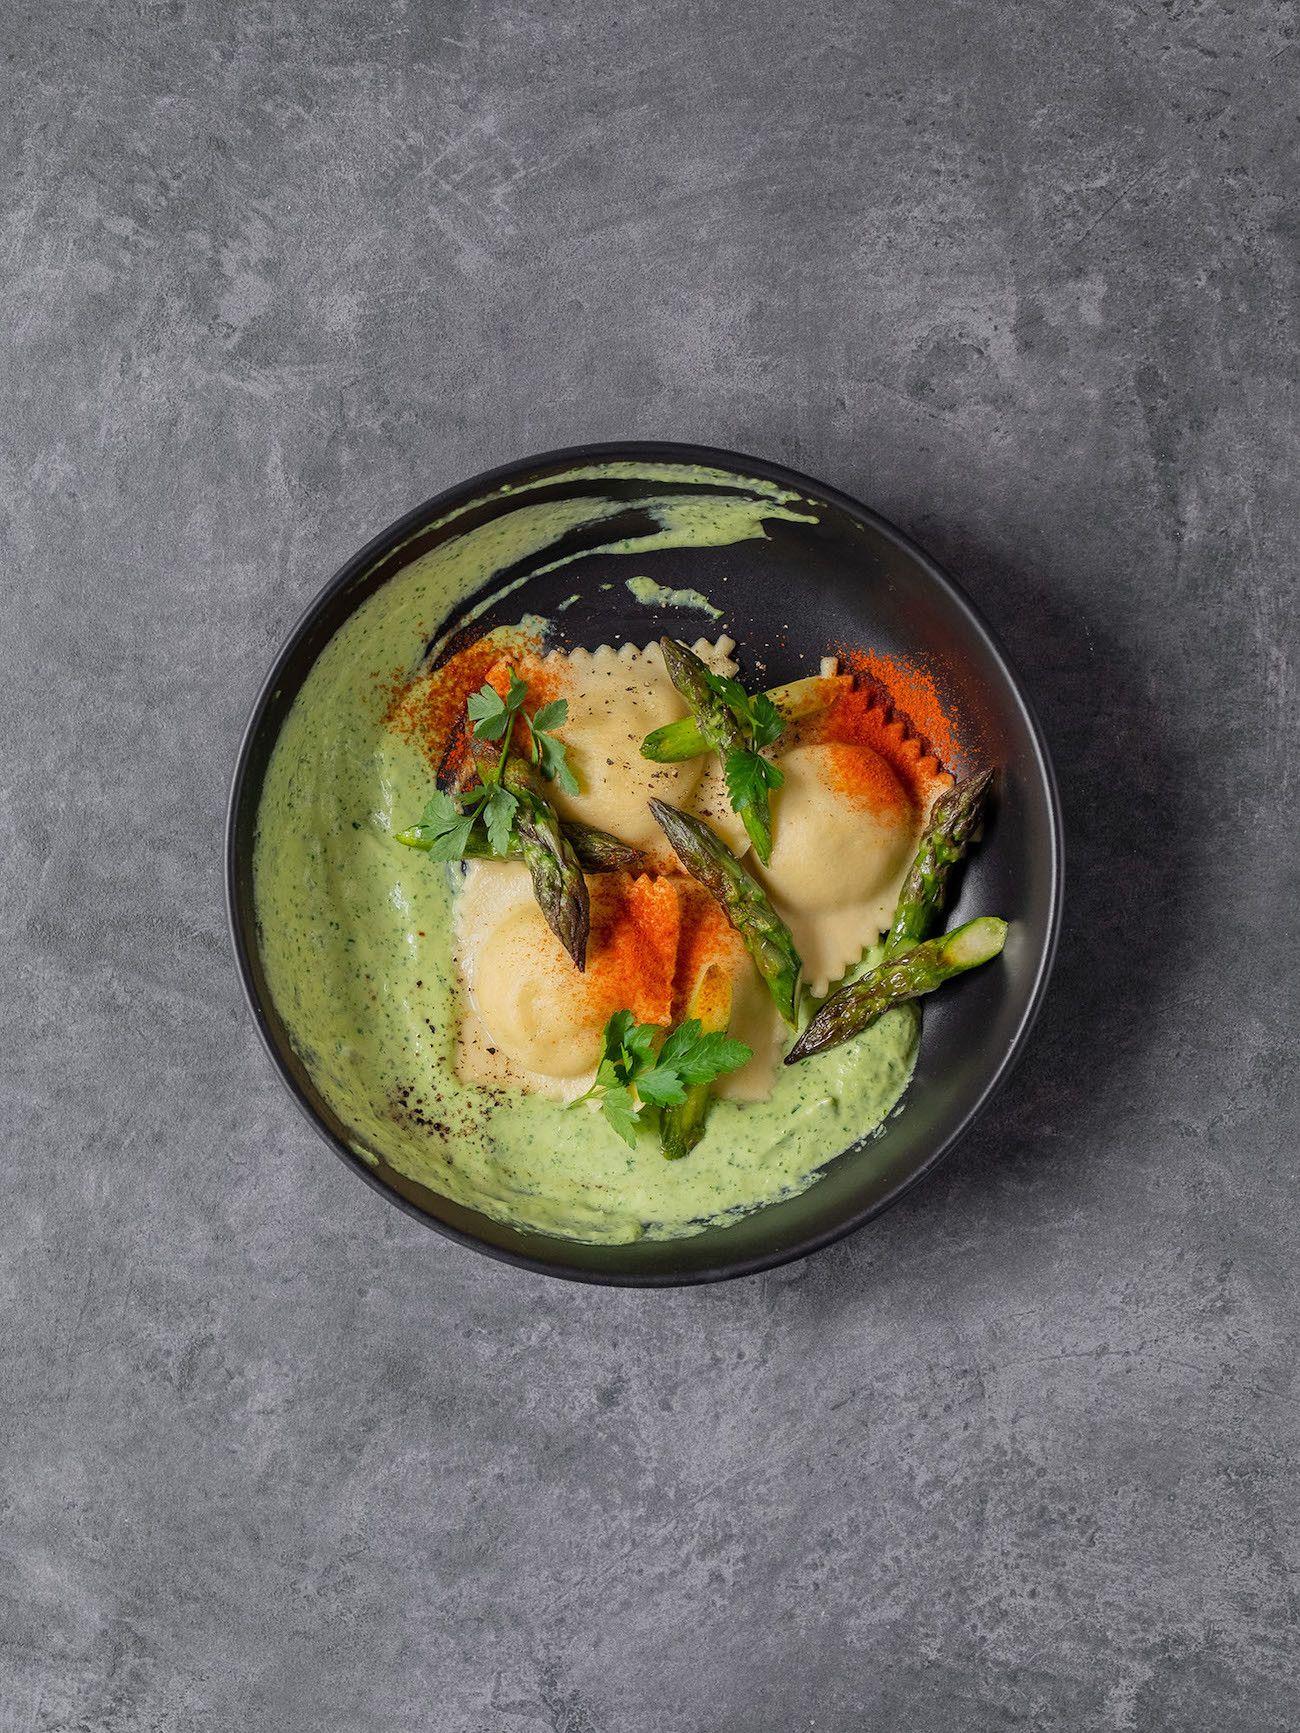 Foodblog, About Fuel, Rezept, Lachsravioli auf Spargel-Kräuter-Mayonnaise und Spargelspitzen, Pasta